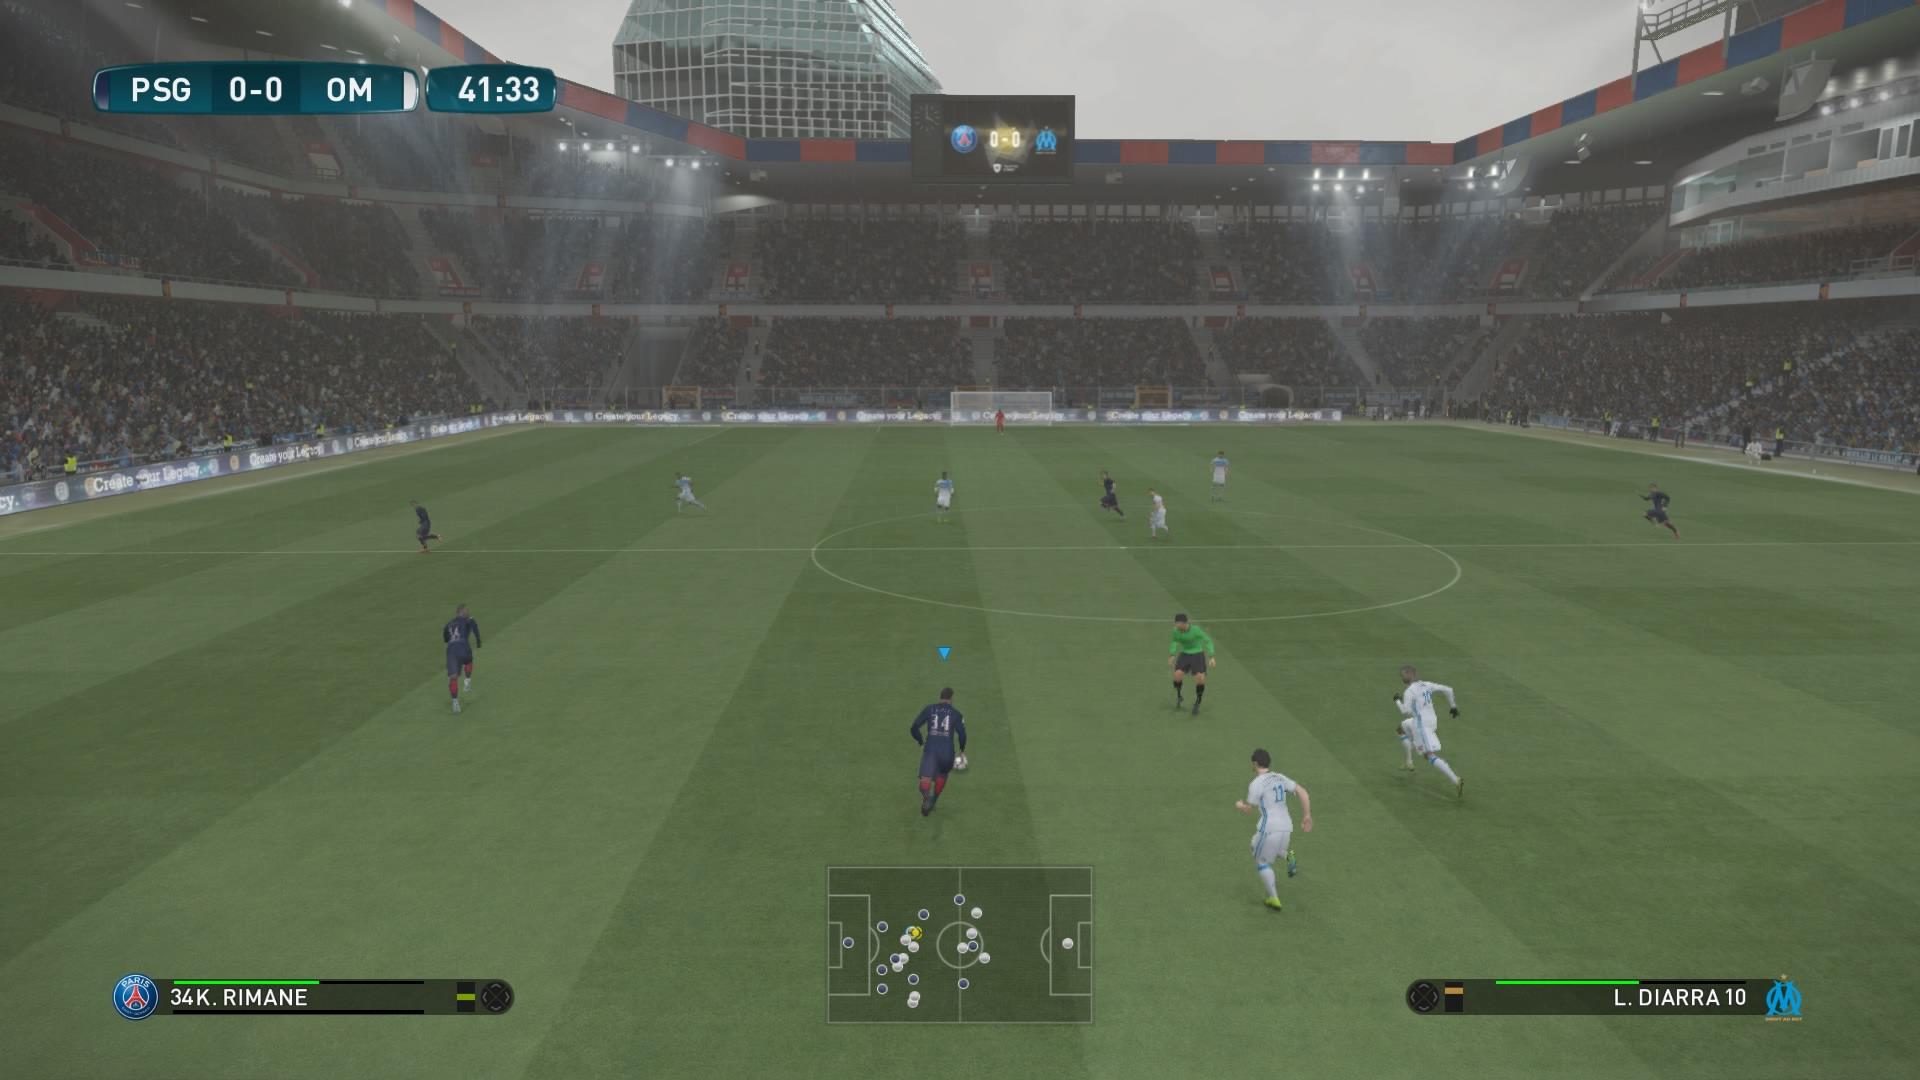 PES 2017 - Análisis del juego de fútbol para PS4 1468891180551